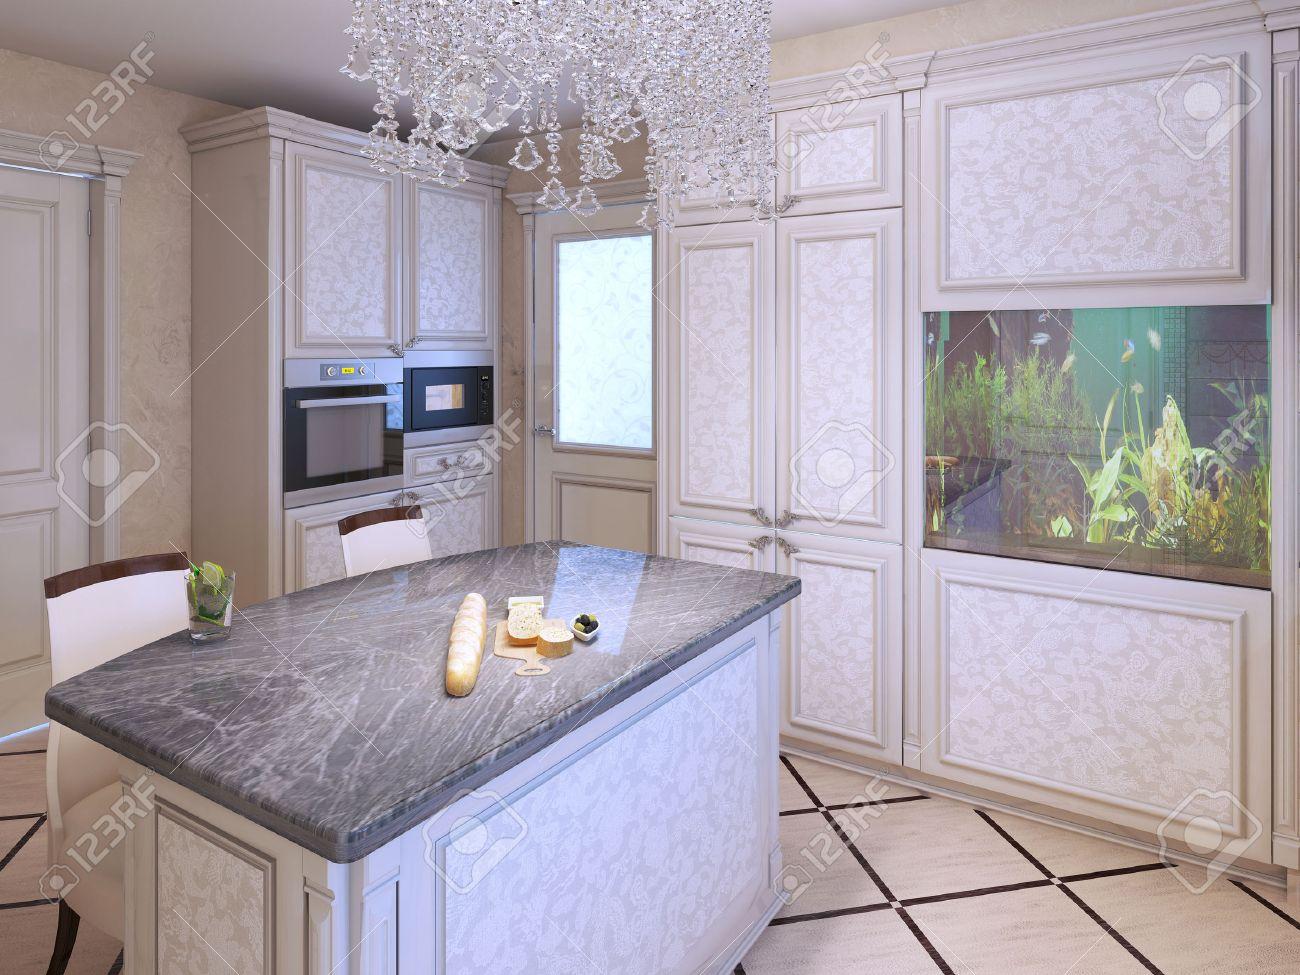 Helle Teure Küchengestaltung. Küche Insel-Bar Mit Granit ...